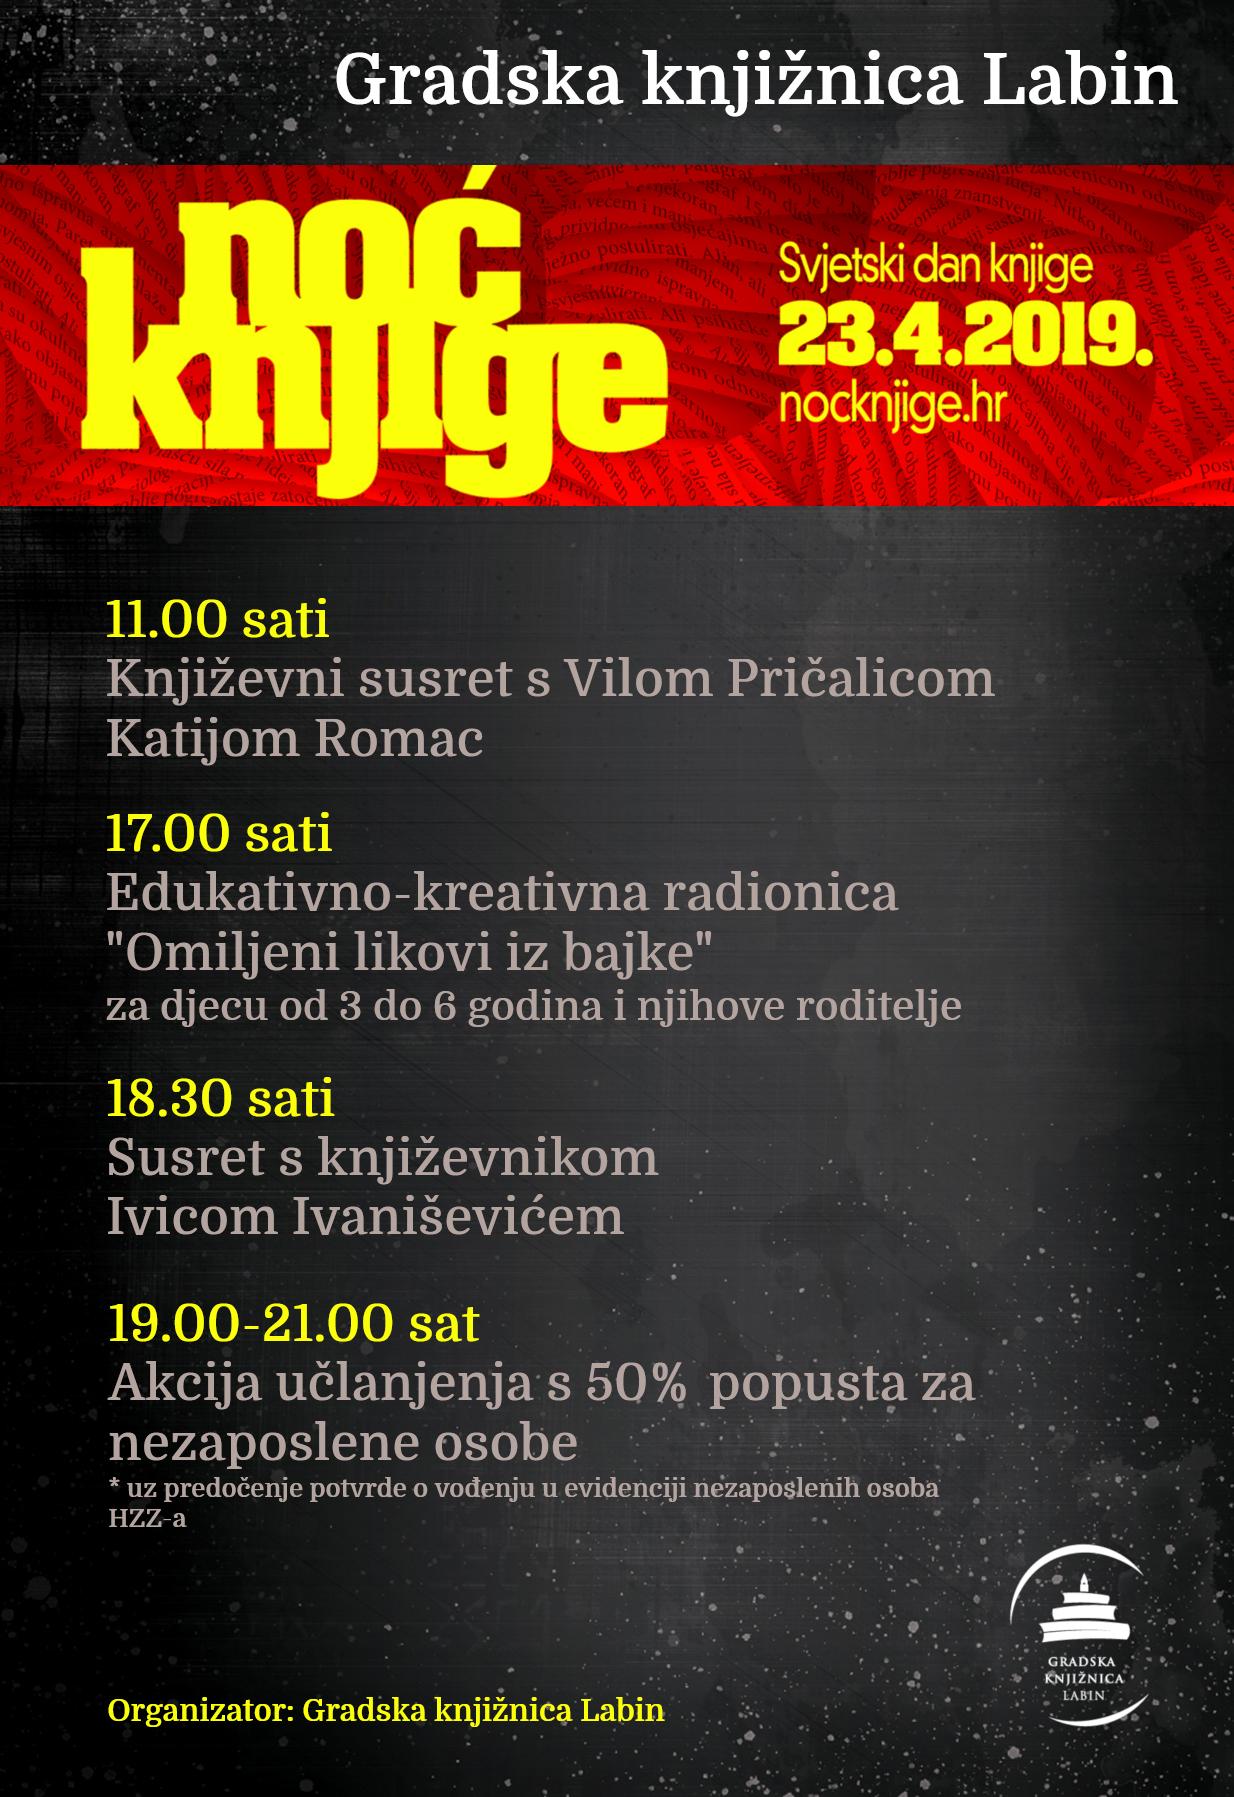 NOĆ KNJIGE 2019. U GRADSKOJ KNJIŽNICI LABIN